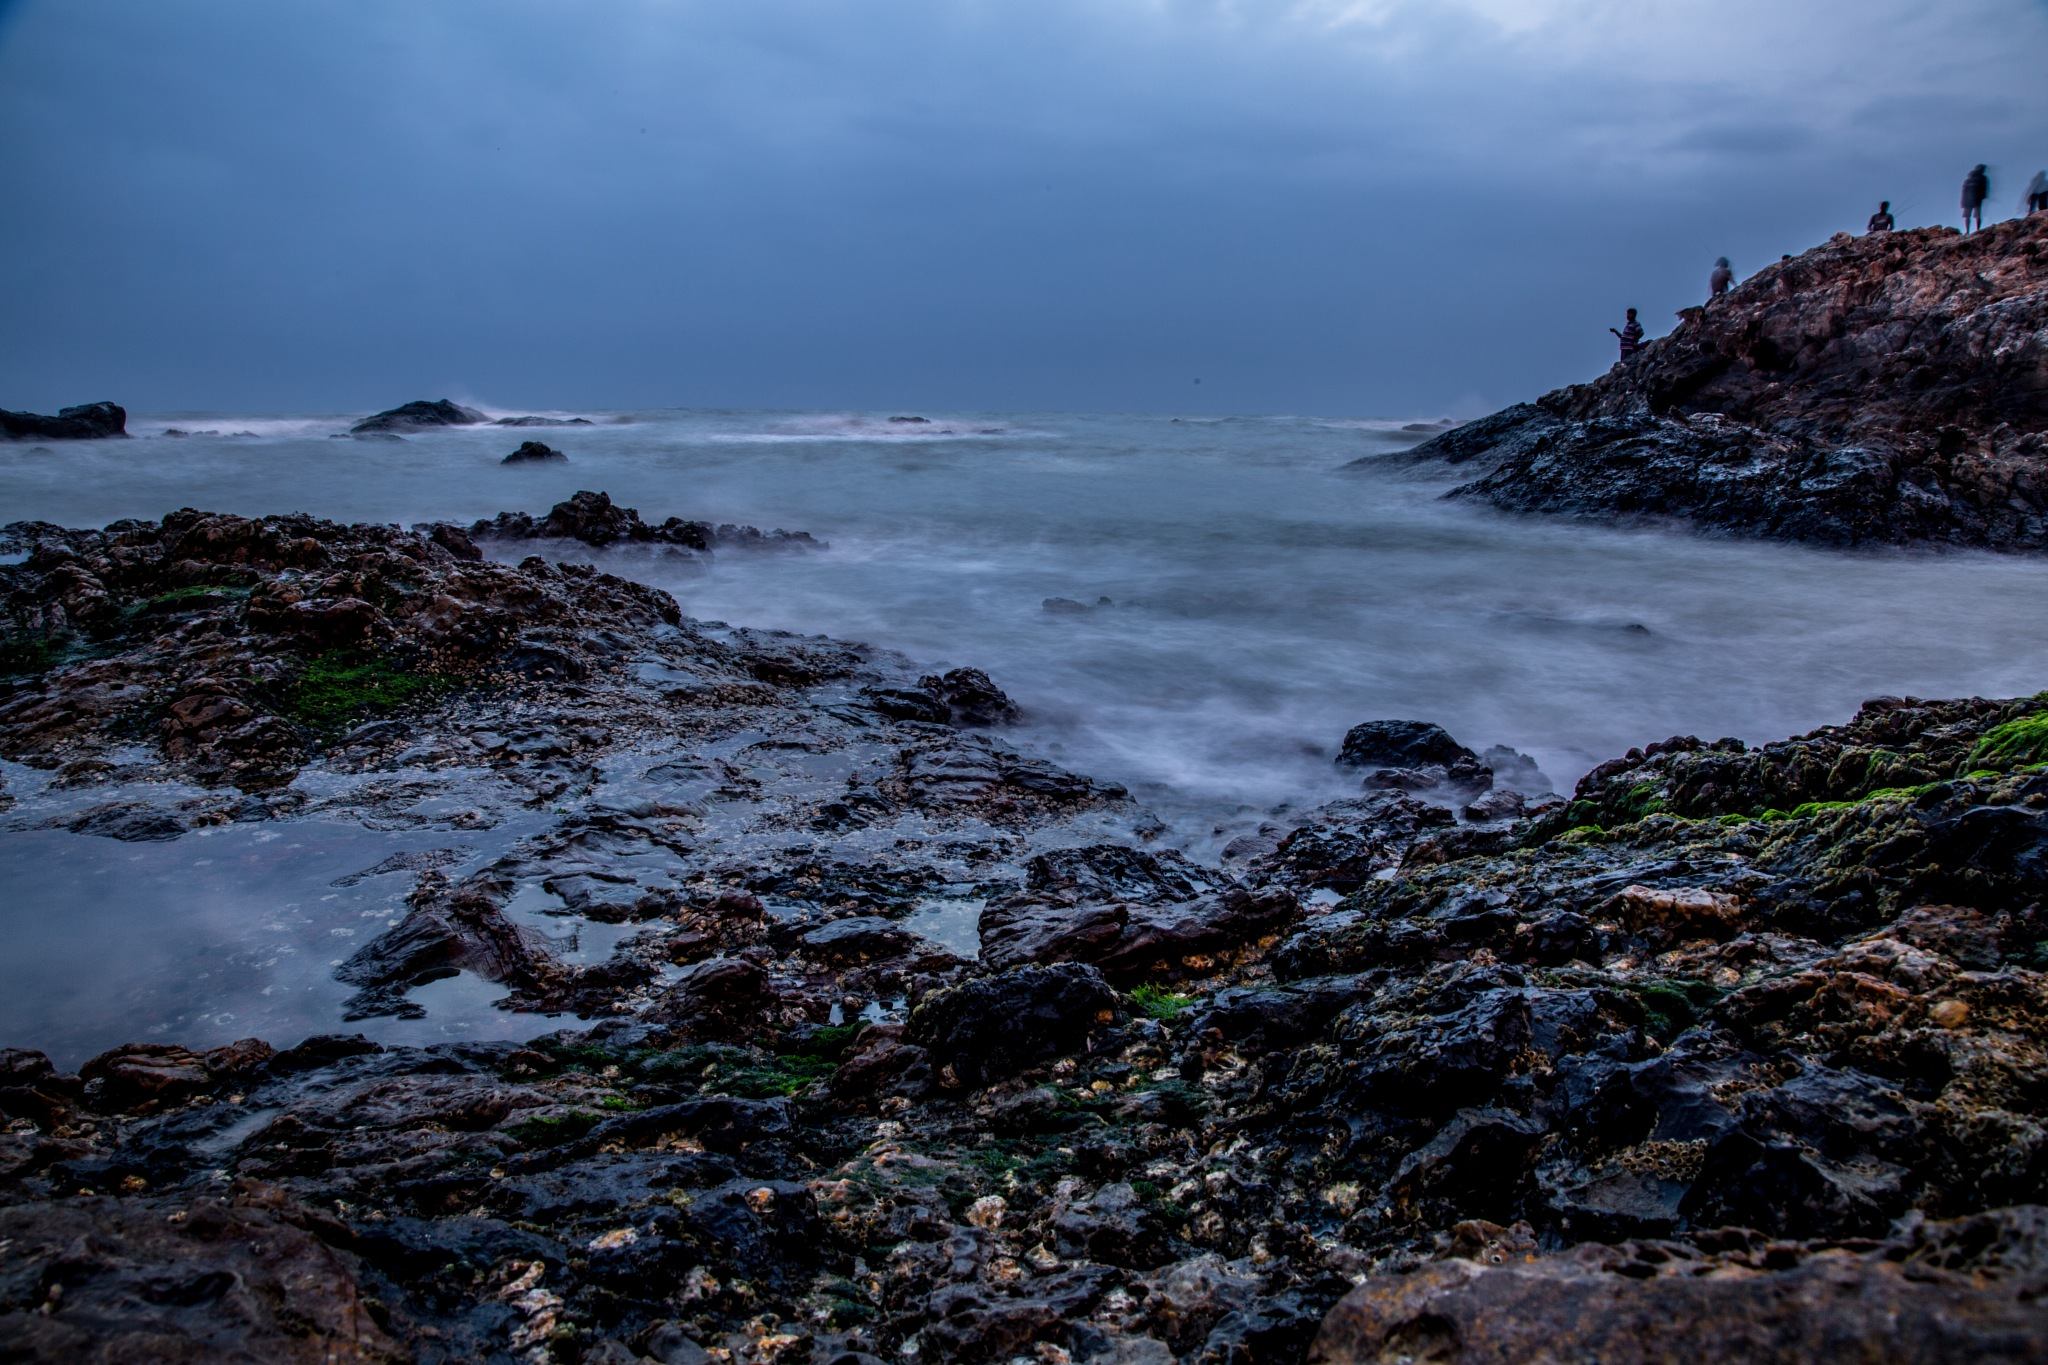 Vagator Beach by Nikhil Mace